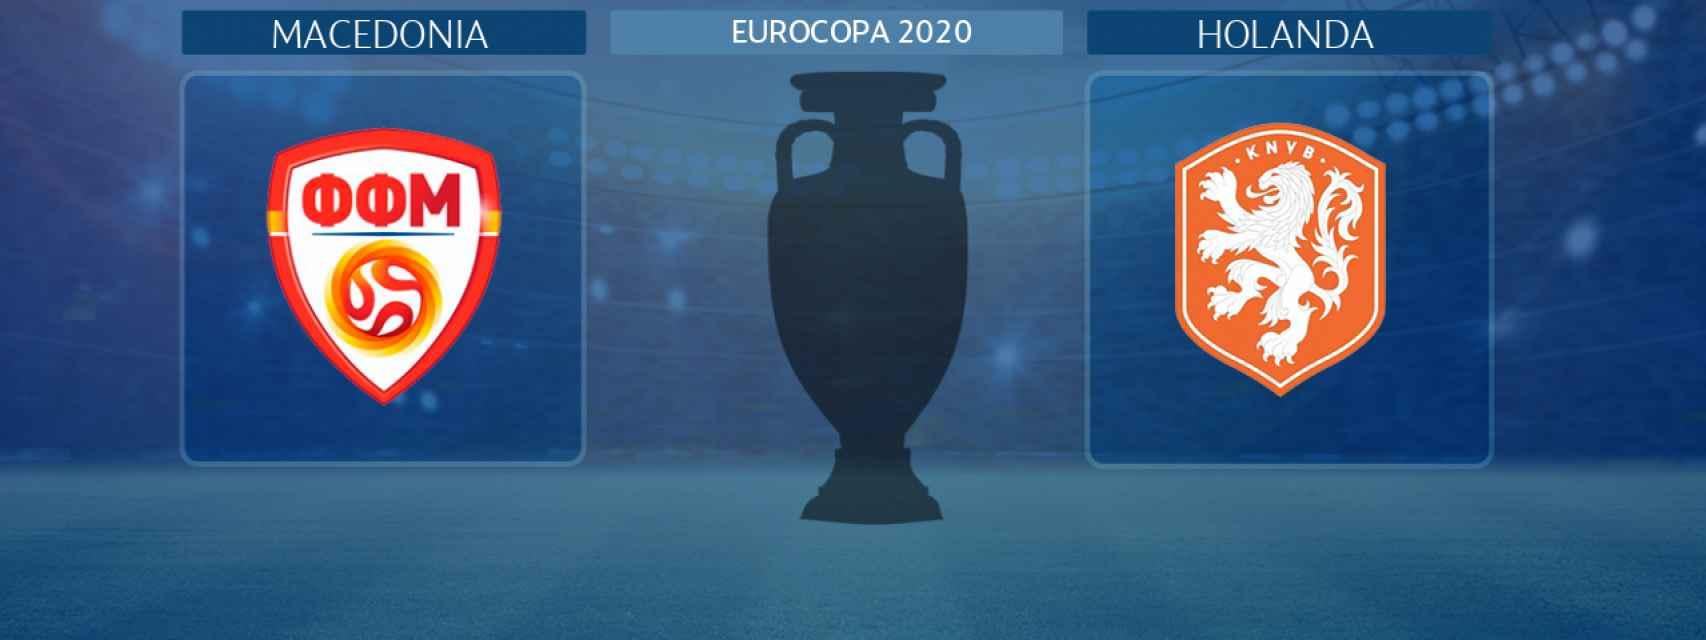 Macedonia - Holanda, partido de la Eurocopa 2020